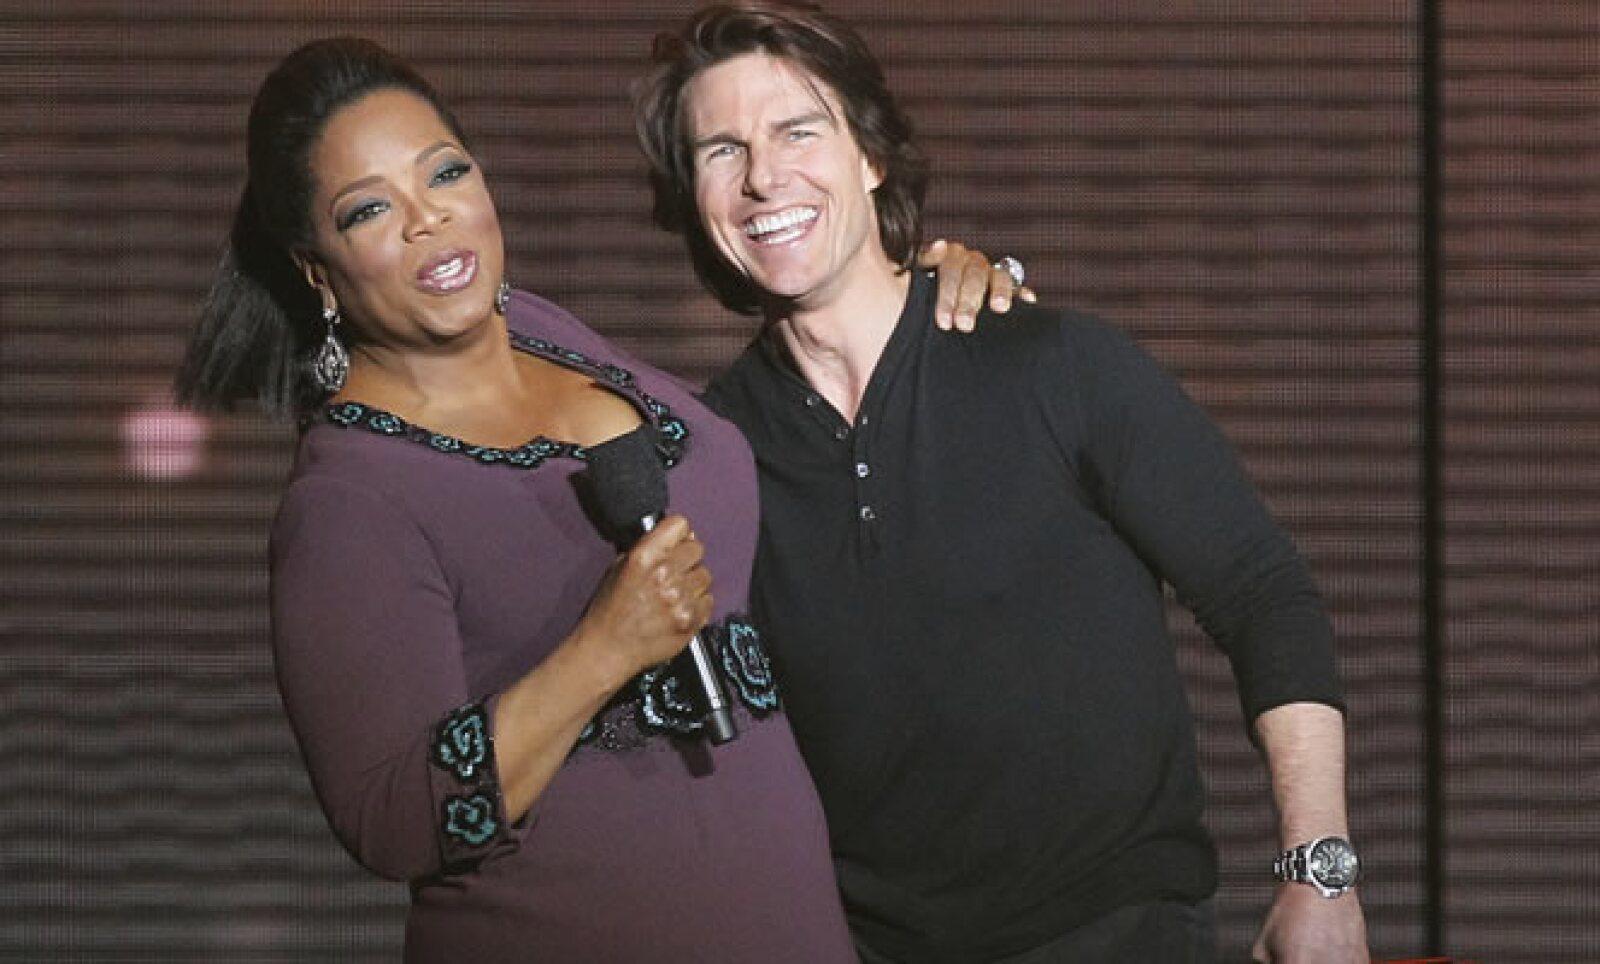 Tom Cruise también se despidió de la conductora en su programa especial. El actor ha participado en 37 películas y su salario promedio por cinta es de 20 millones de dólares.